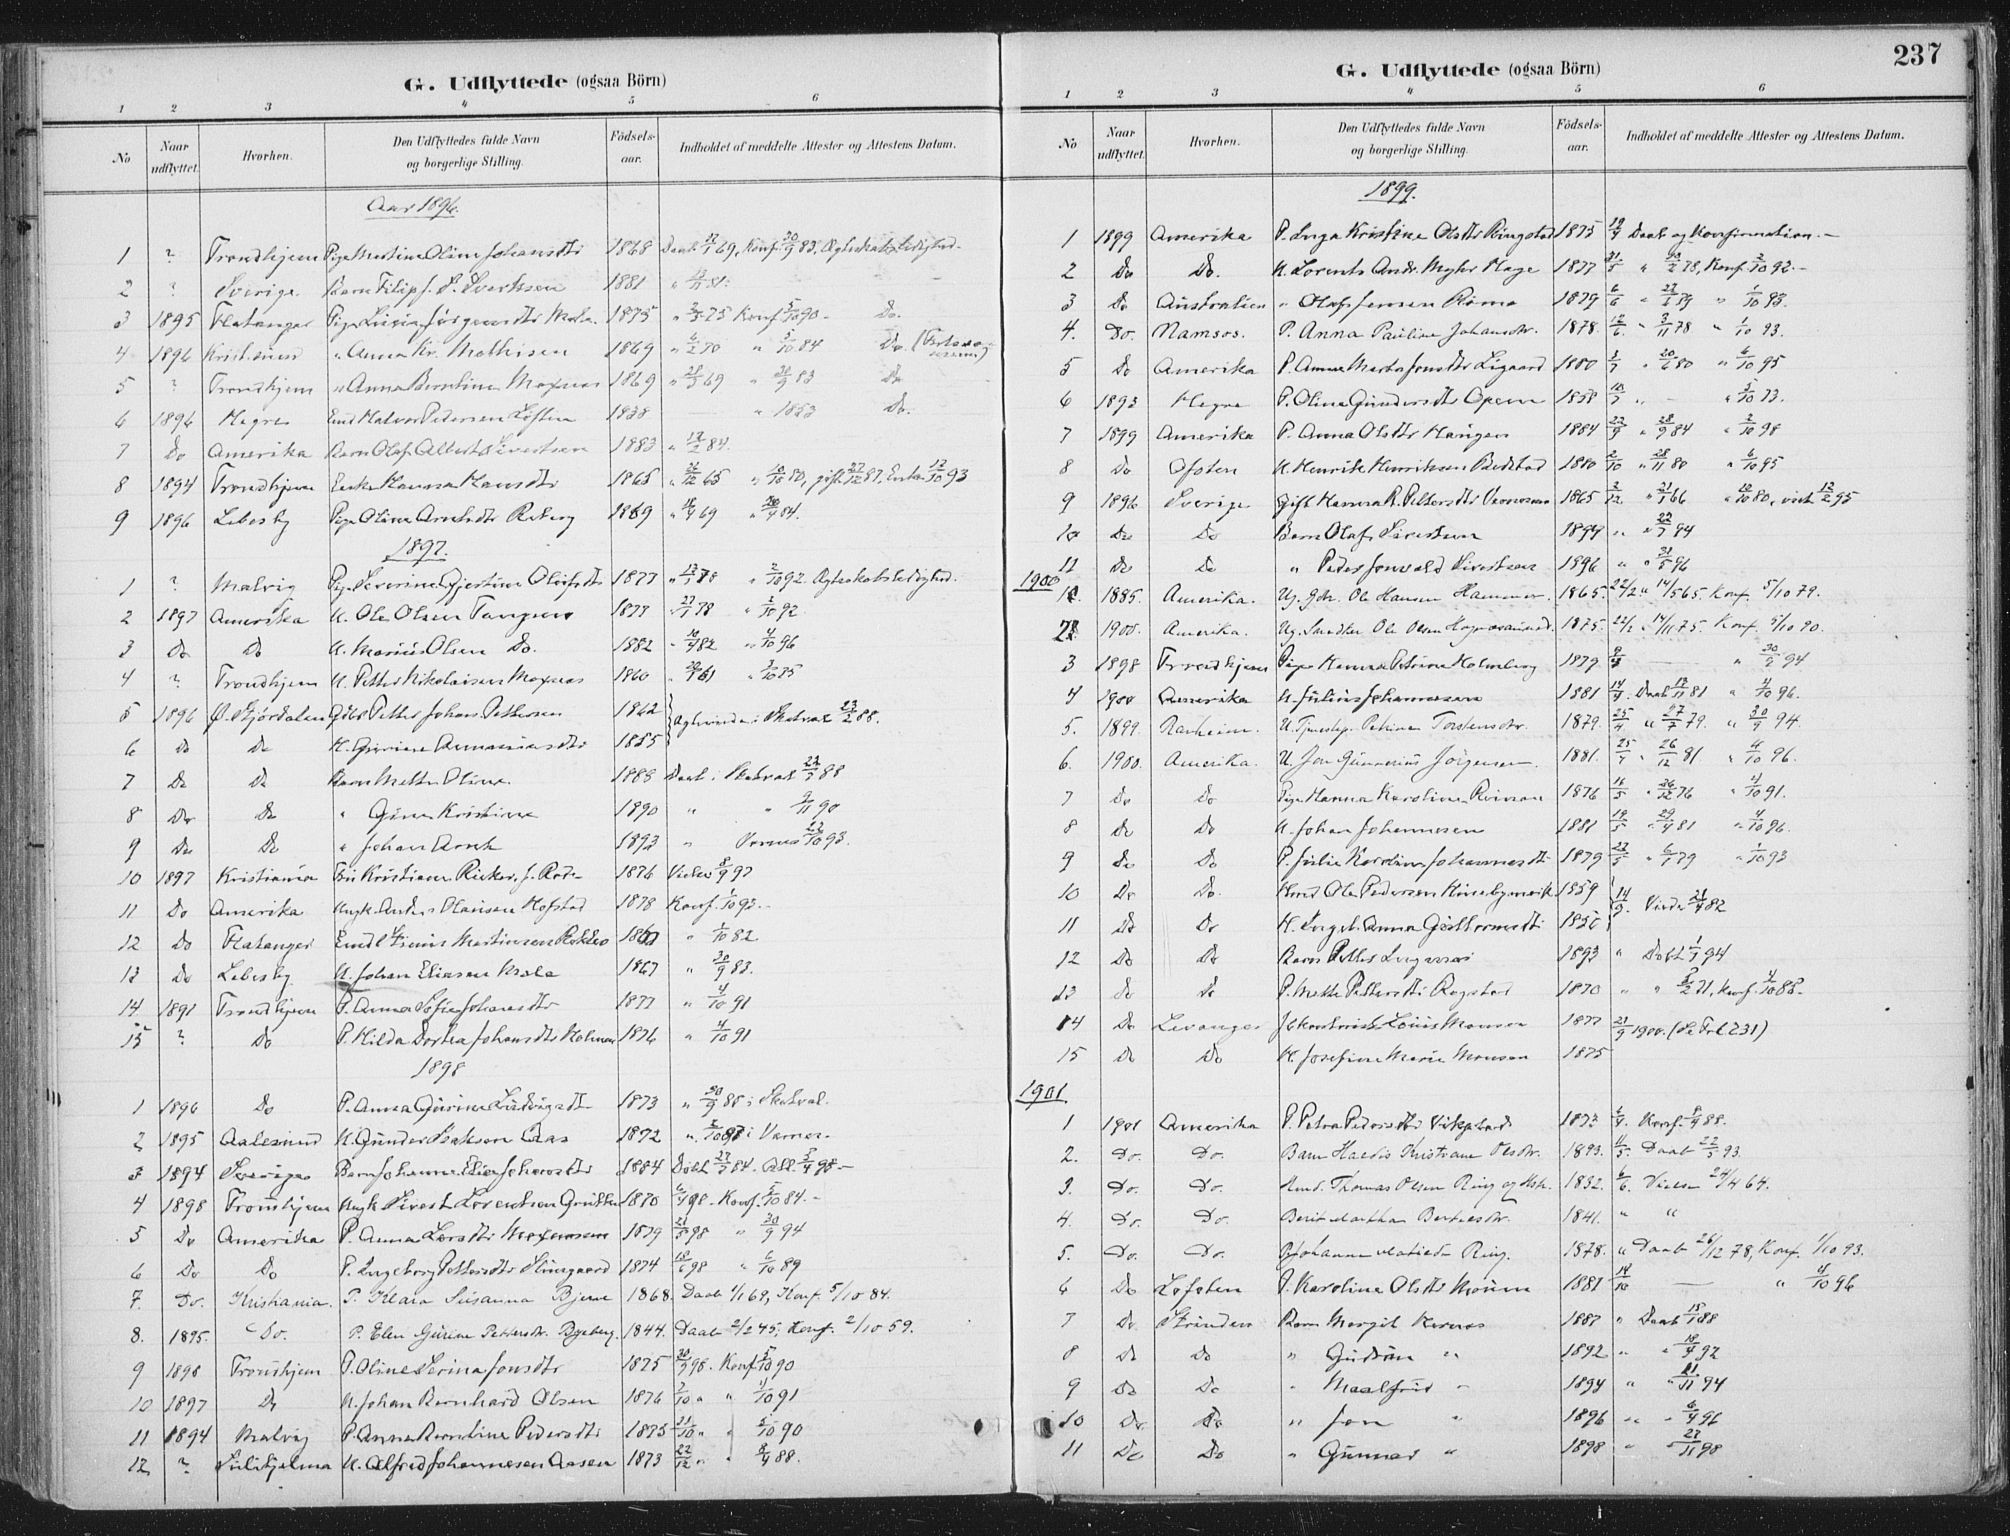 SAT, Ministerialprotokoller, klokkerbøker og fødselsregistre - Nord-Trøndelag, 709/L0082: Ministerialbok nr. 709A22, 1896-1916, s. 237